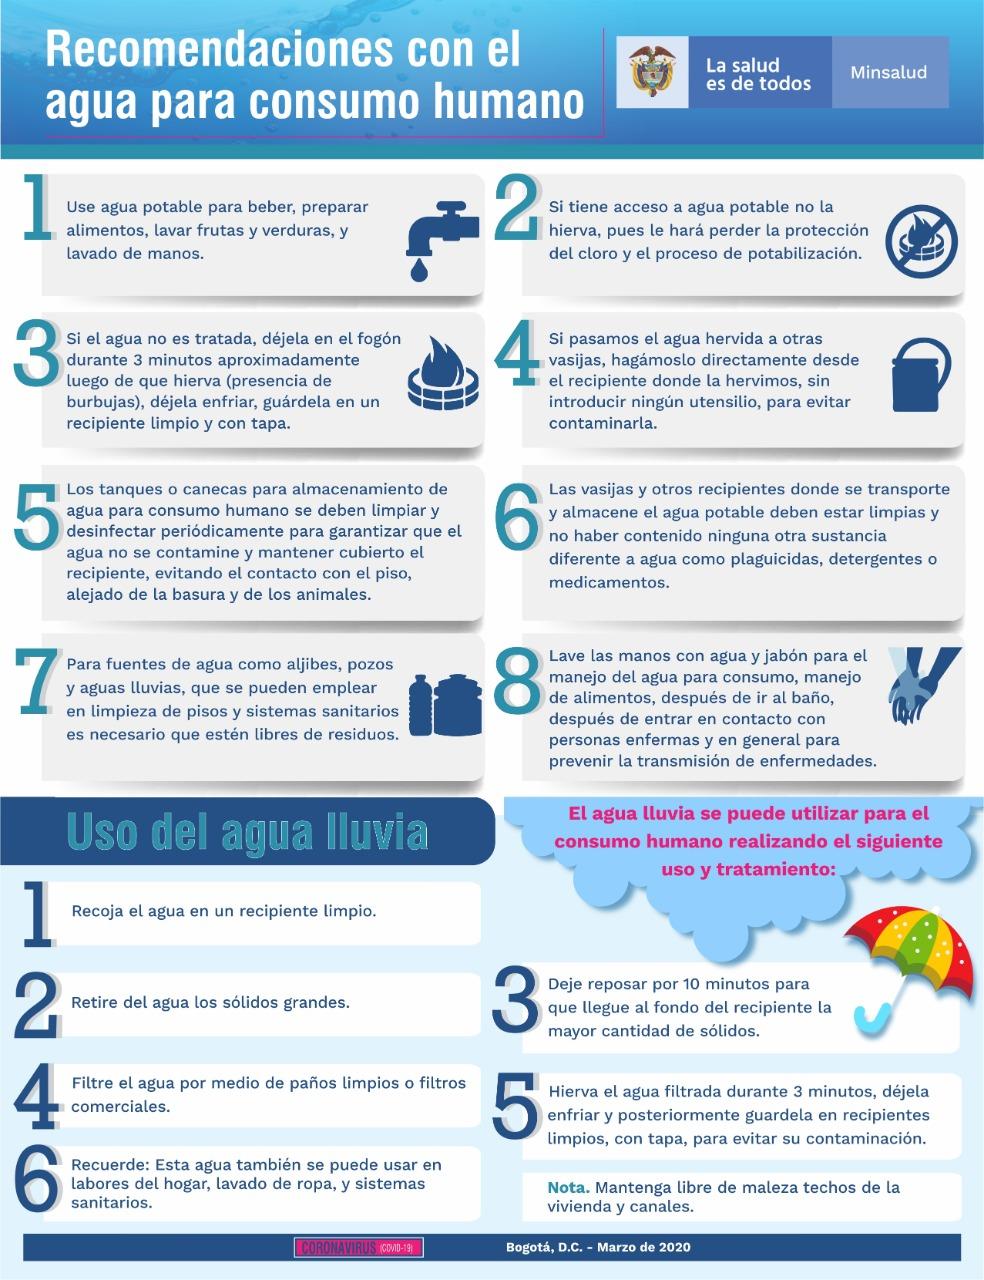 Recomendaciones con el agua para consumo humano